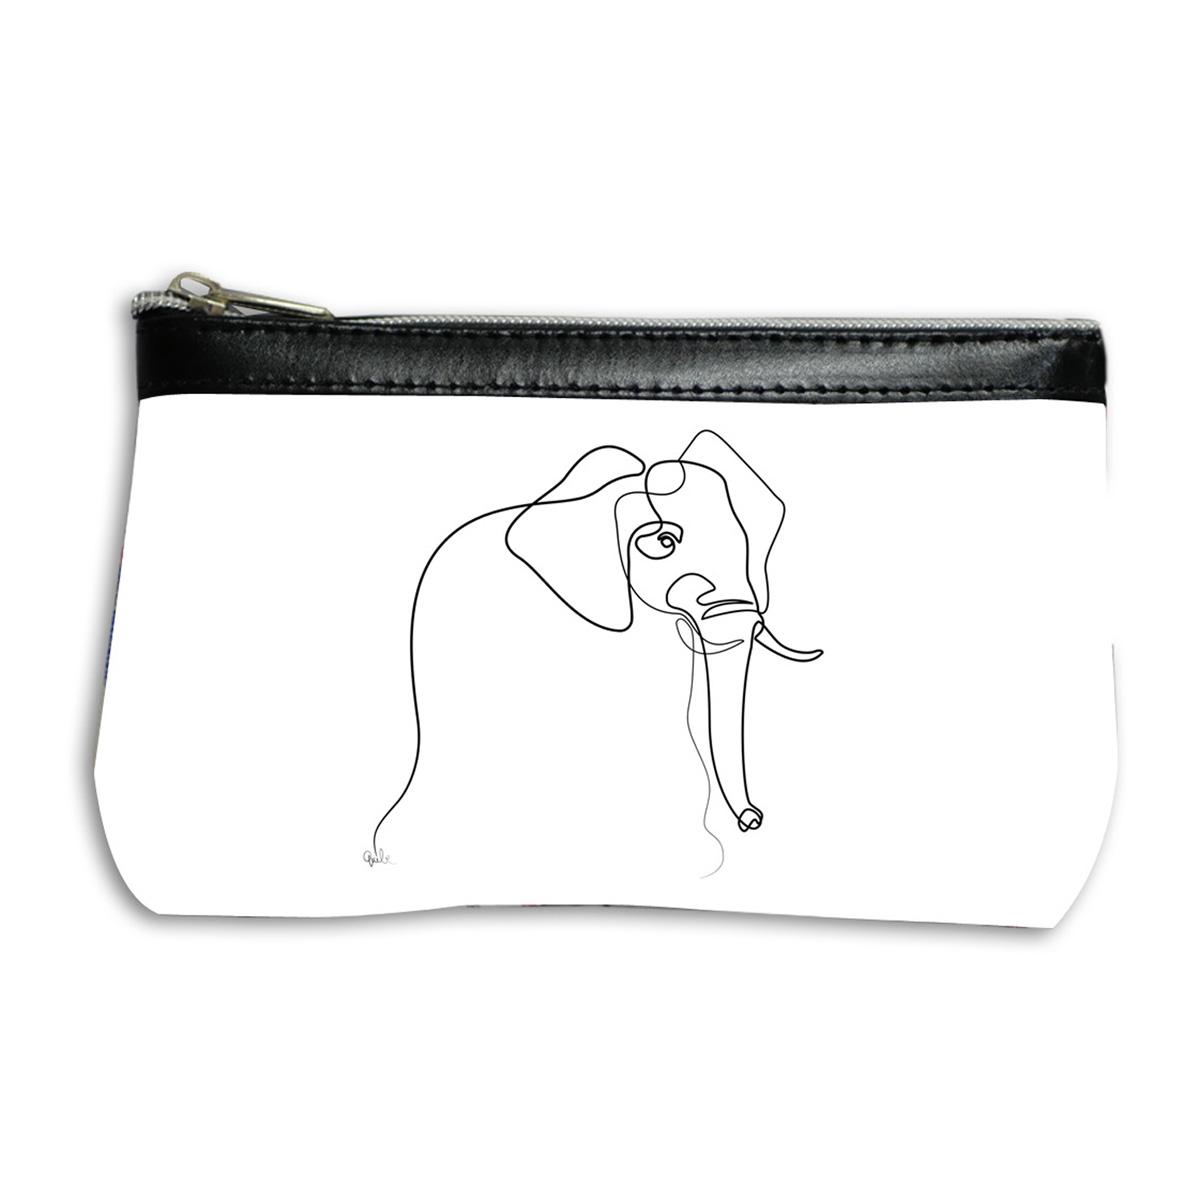 Pochette trousse artisanale \'Quibe\' blanc noir (Elephant) - 17x12 cm - [A0326]